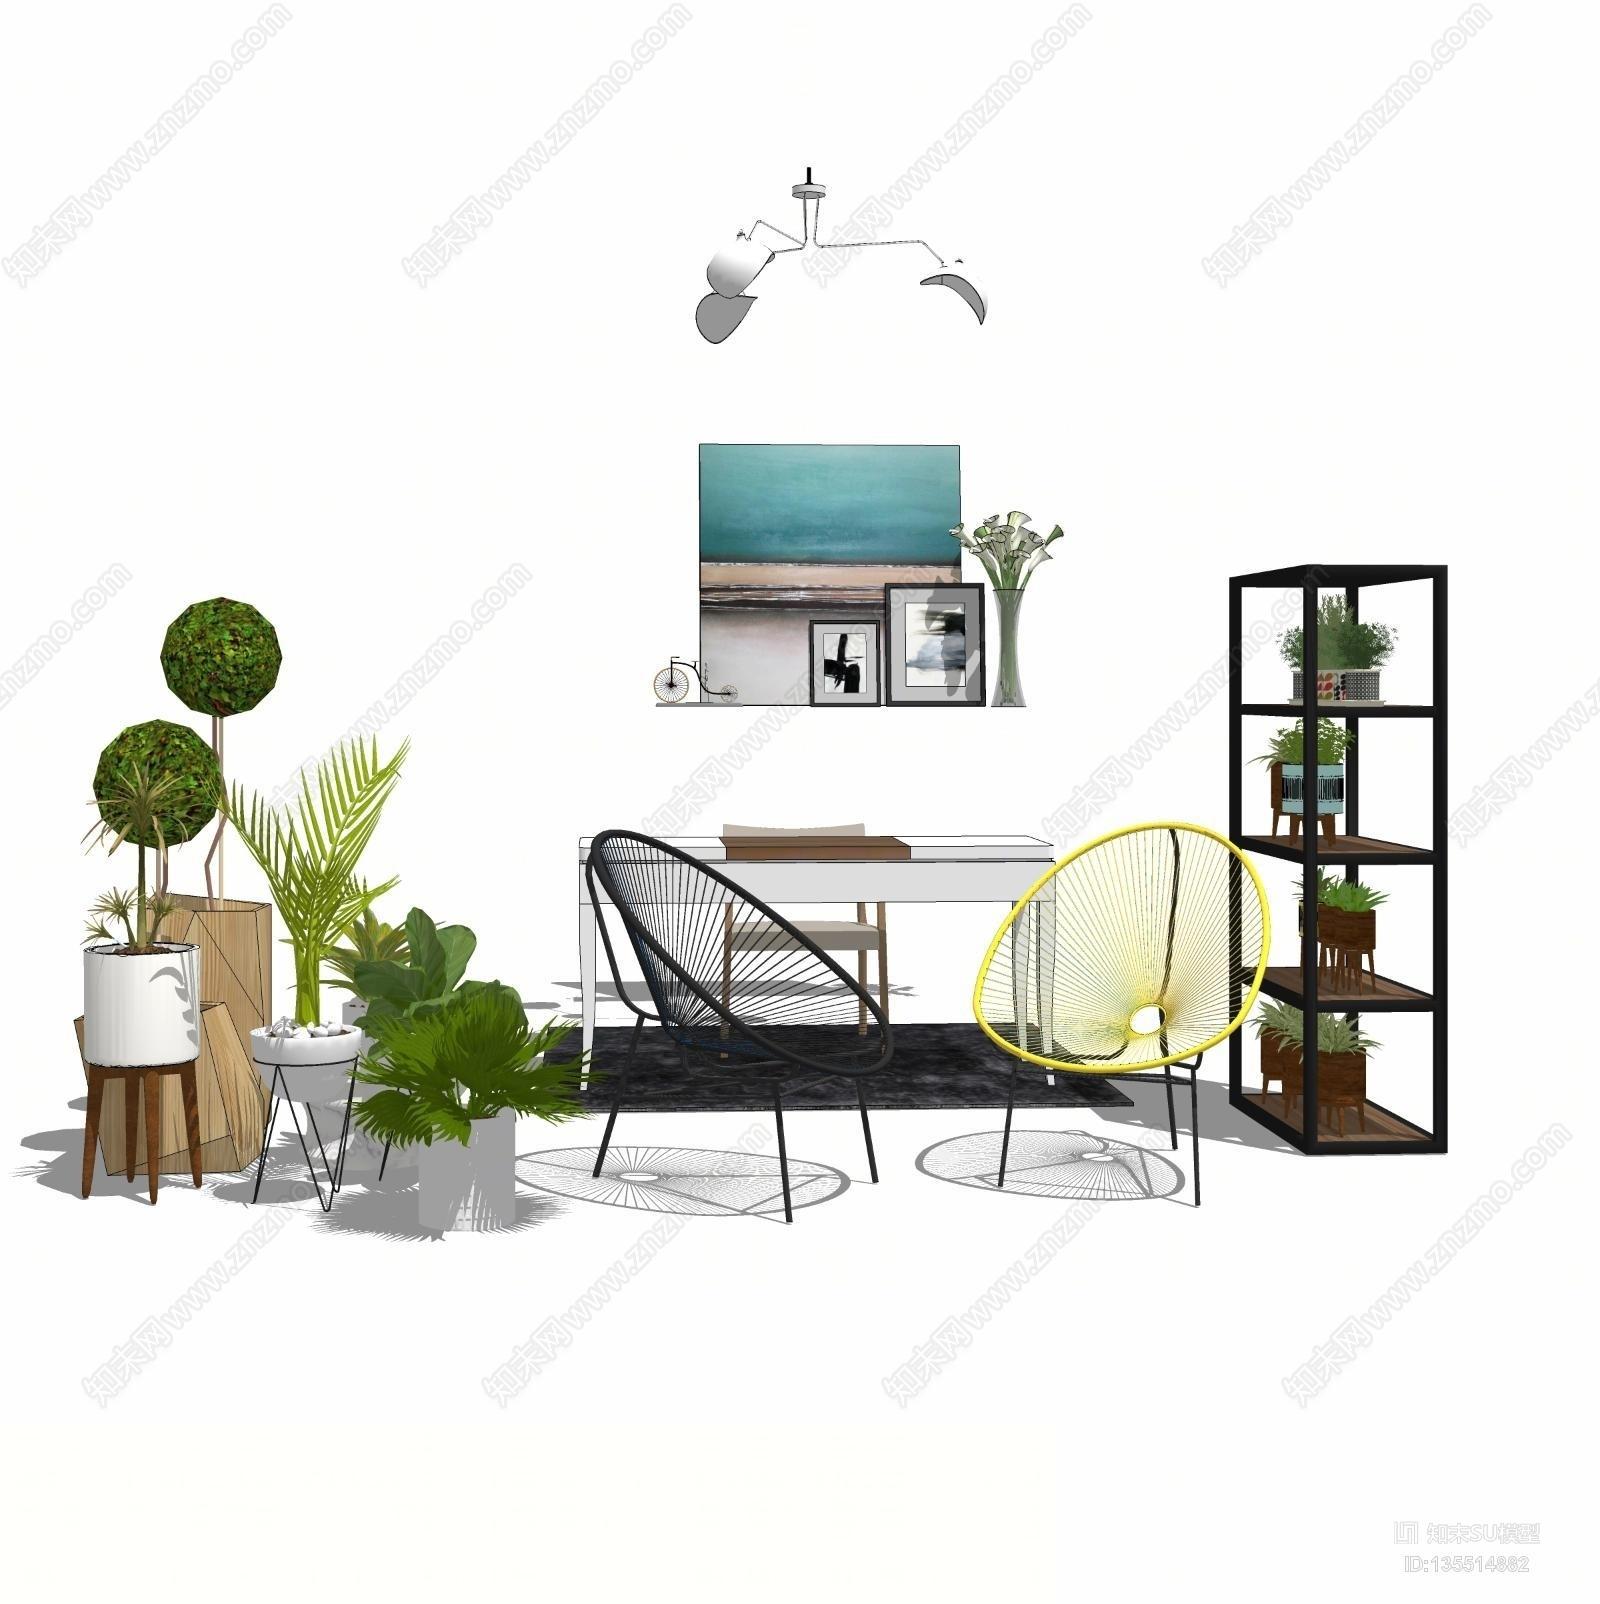 休闲空间绿植花架休闲椅组合